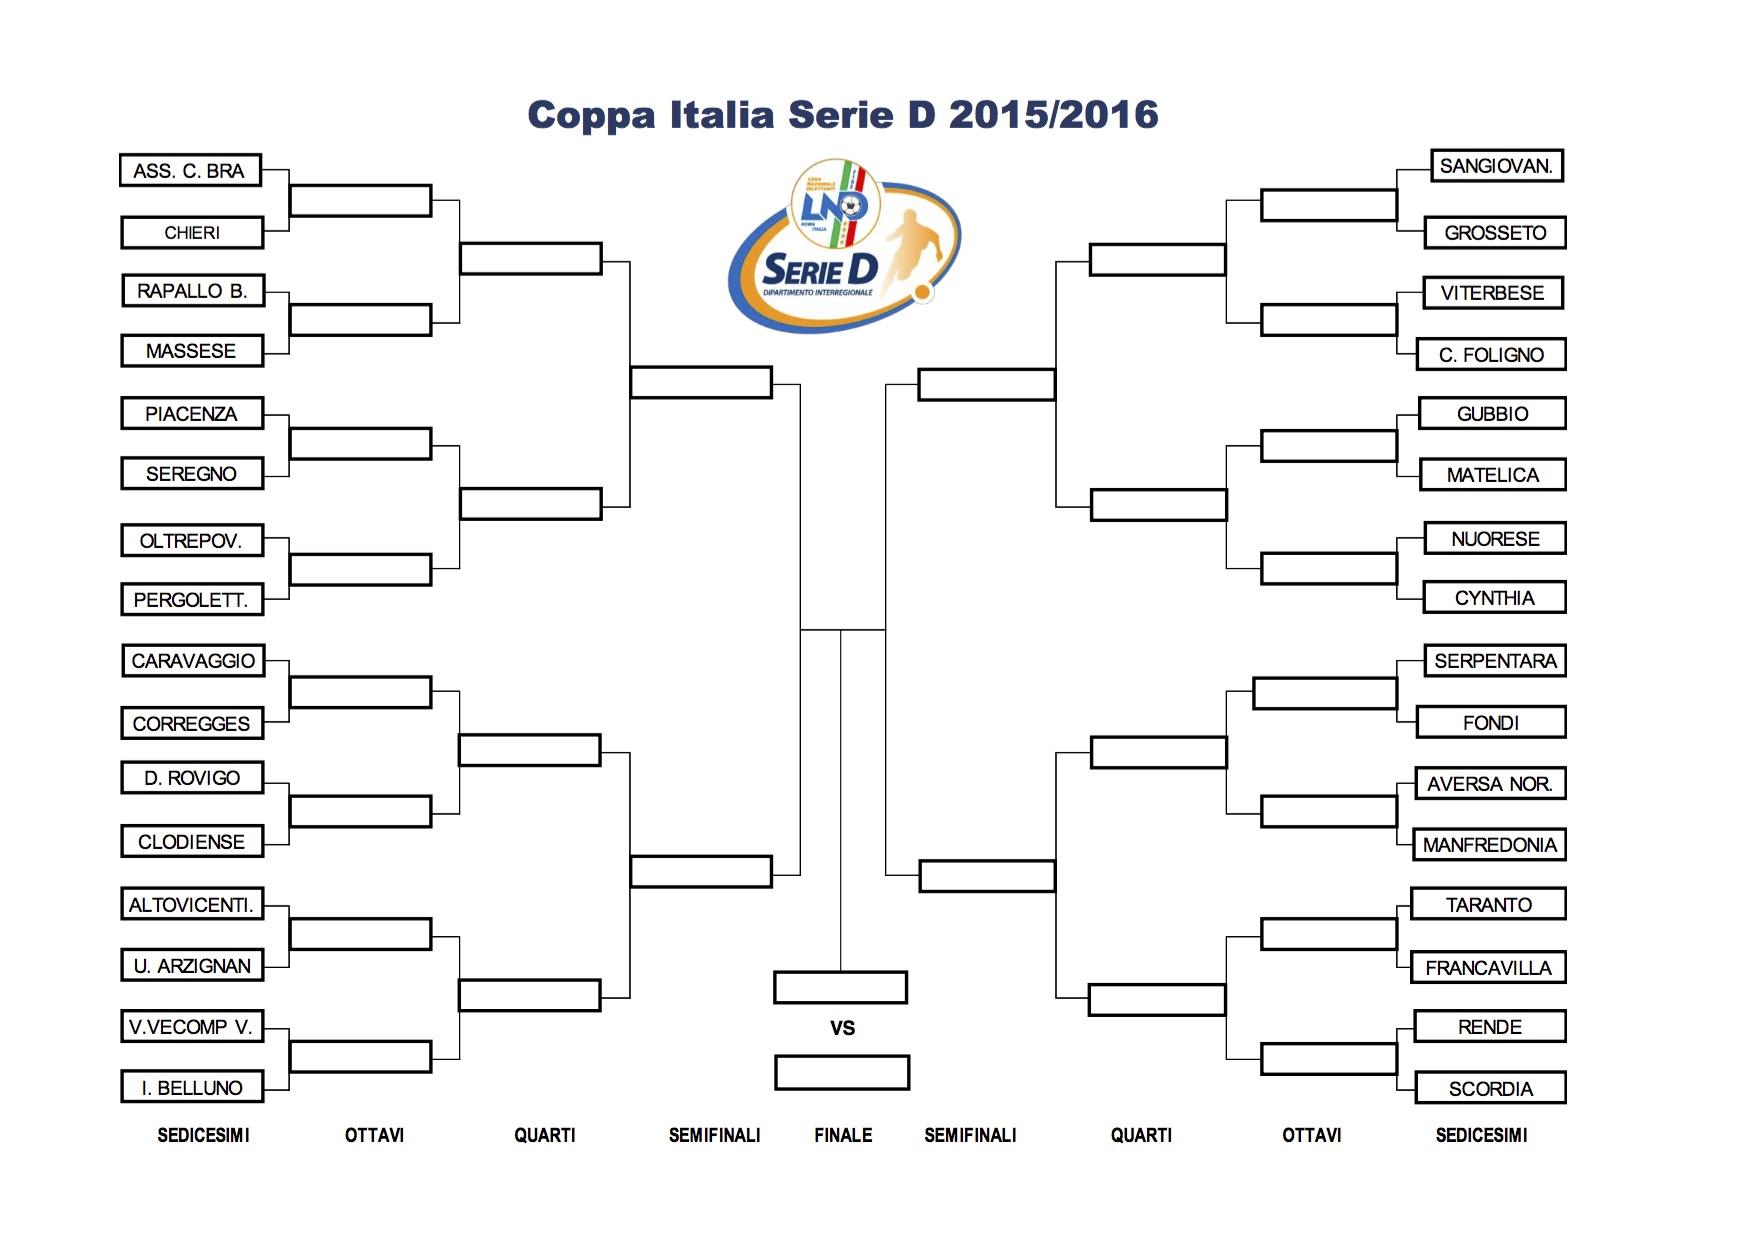 Coppa Italia Serie D - tabellone sedicesimi